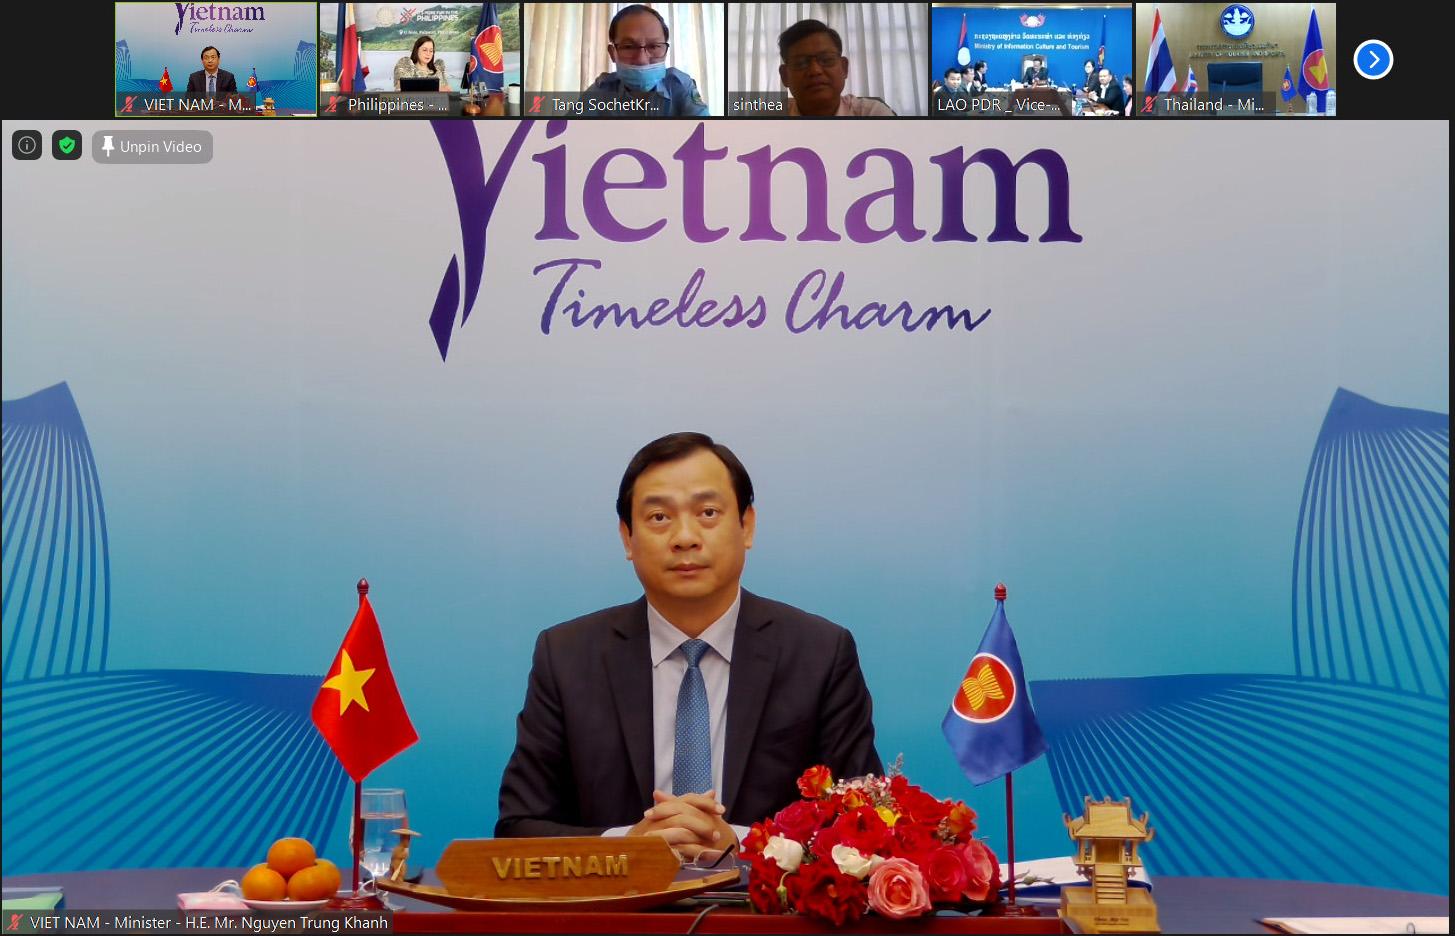 Tổng cục trưởng Nguyễn Trùng Khánh: Đẩy mạnh ứng dụng công nghệ số và sáng tạo để nâng cao năng lực cạnh tranh du lịch trong ASEAN